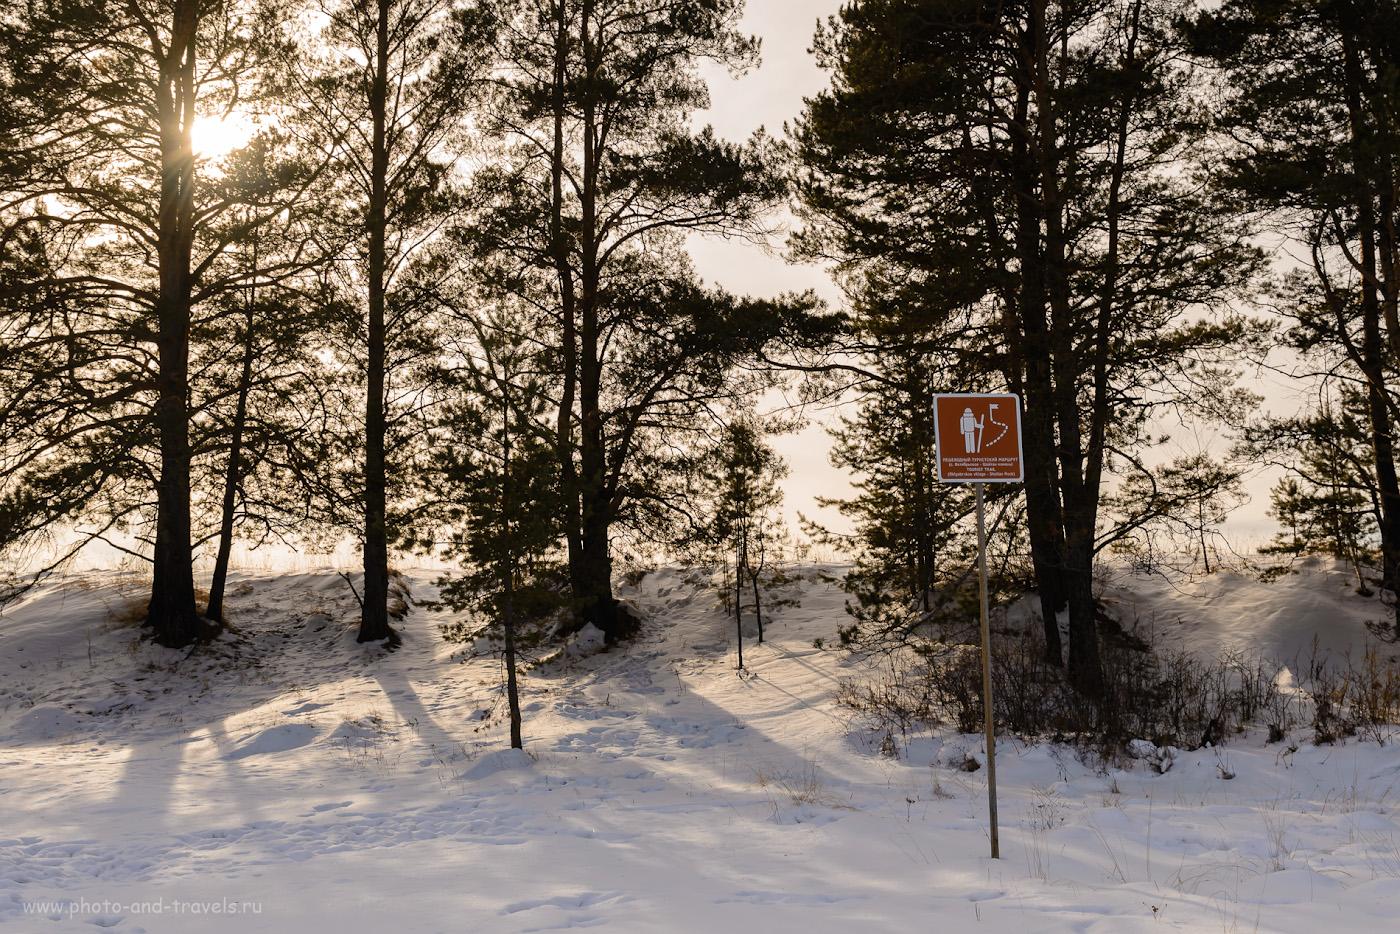 Фотография 2. Начало тропы к Шайтан-камню начинается после речки Воронина. Отзыв о ПВД в окрестностях Екатеринбурга. 1/125, 8.0, 100, 27.